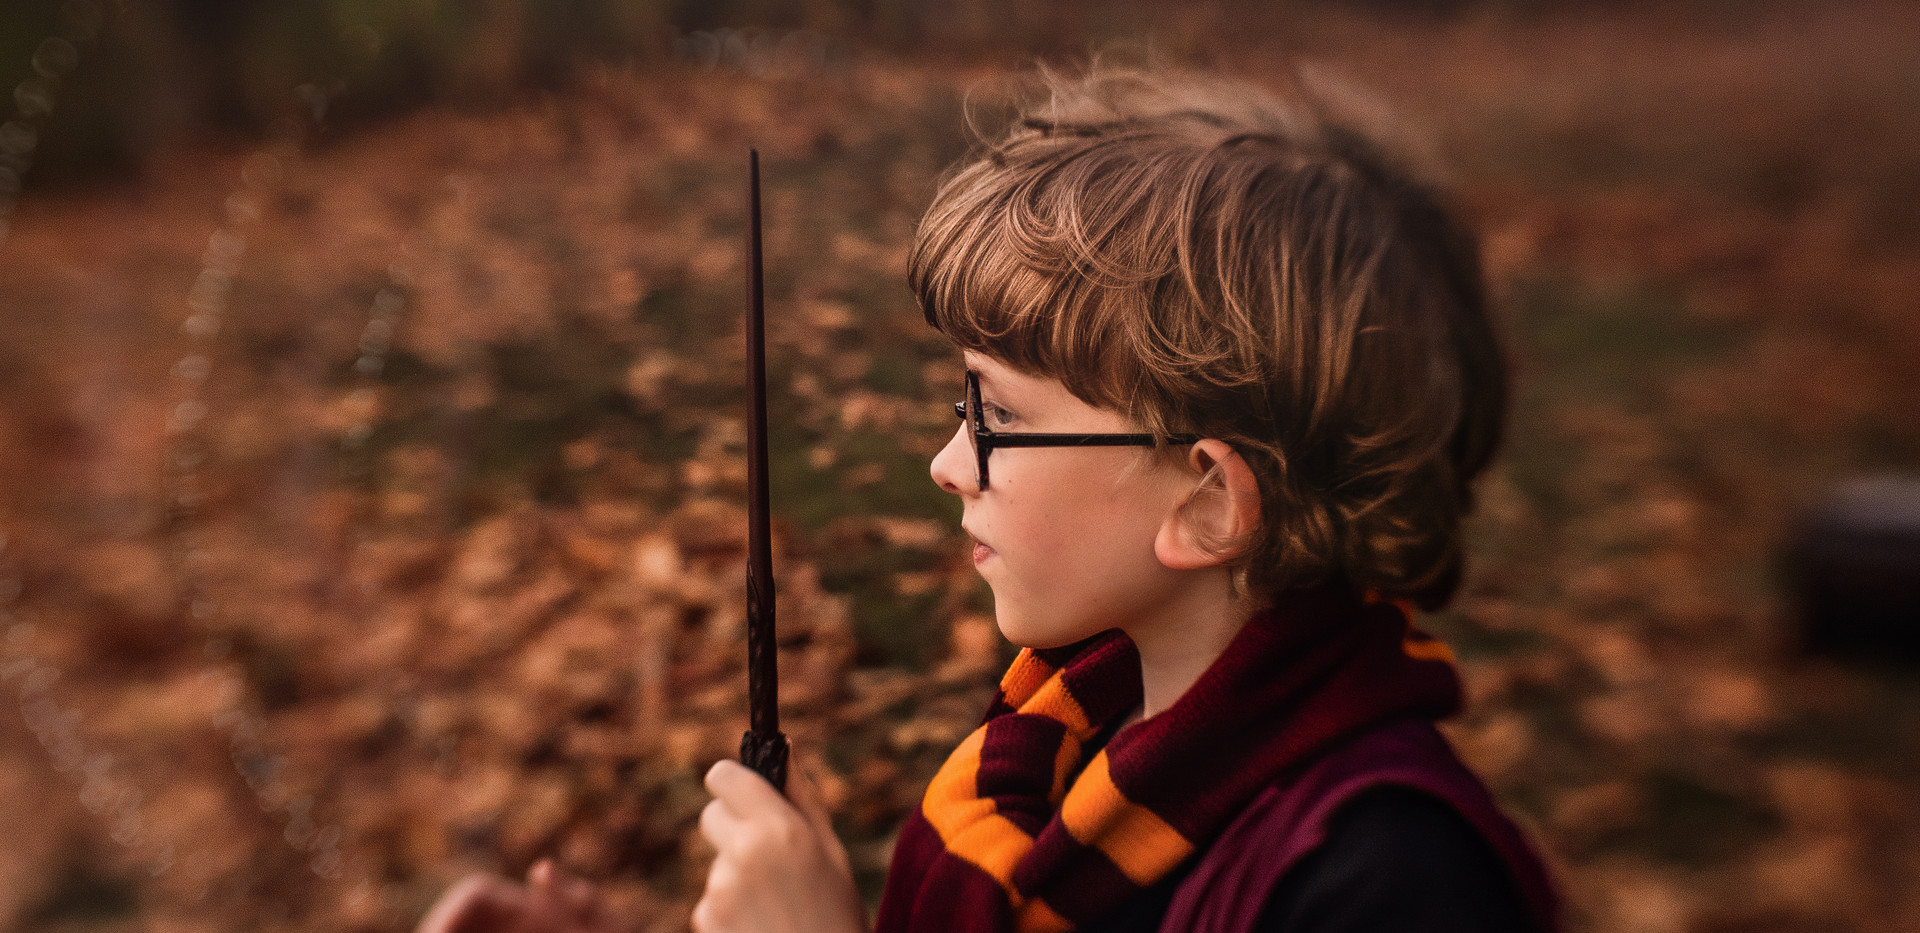 HP-Heidi-2-Final-Magic-Added-WIX.jpg